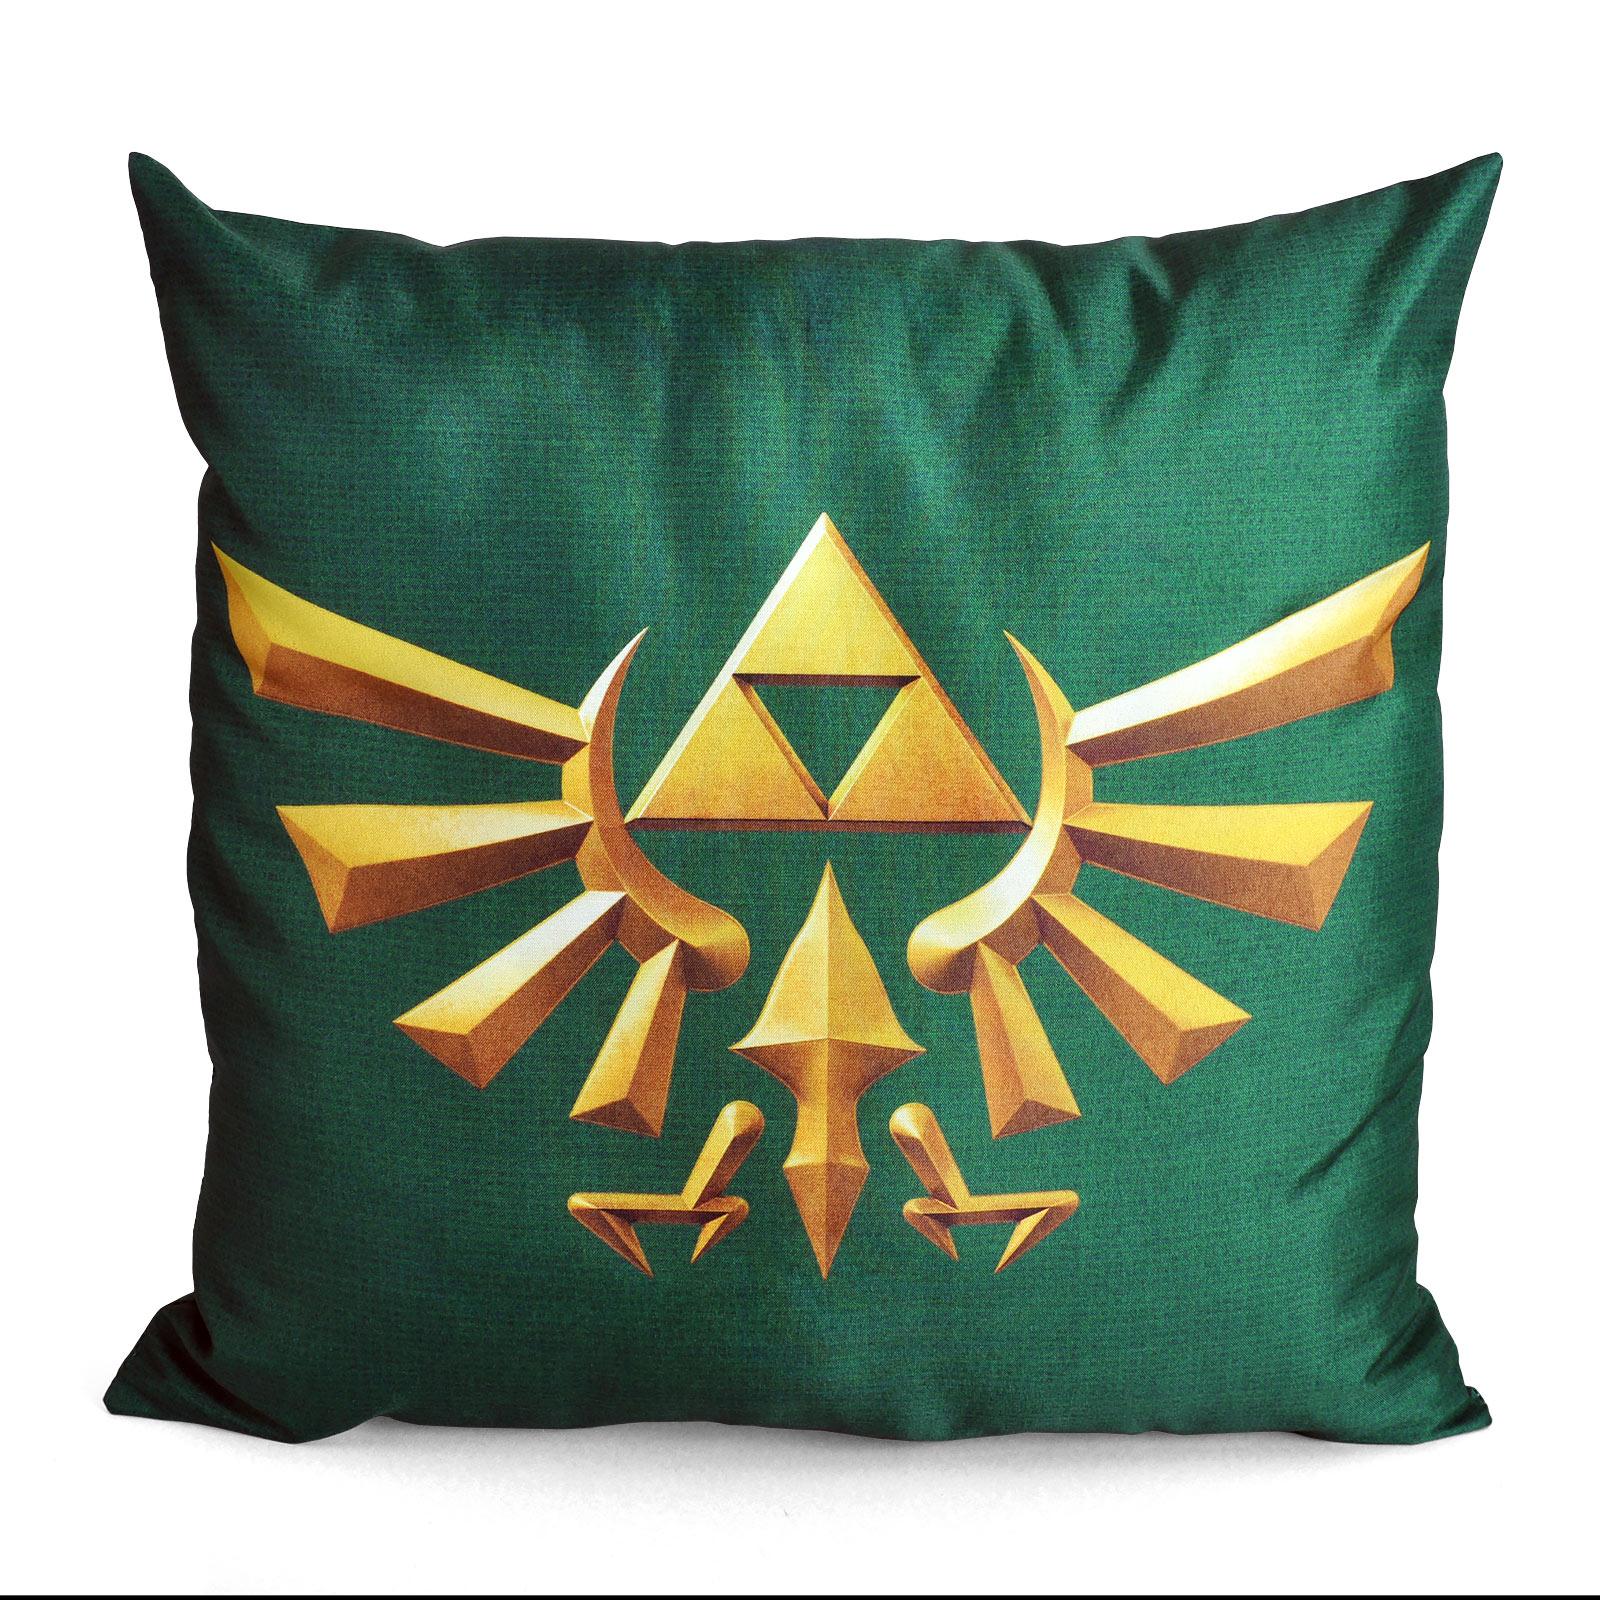 Zelda - Hyrule Triforce Logo Kissen